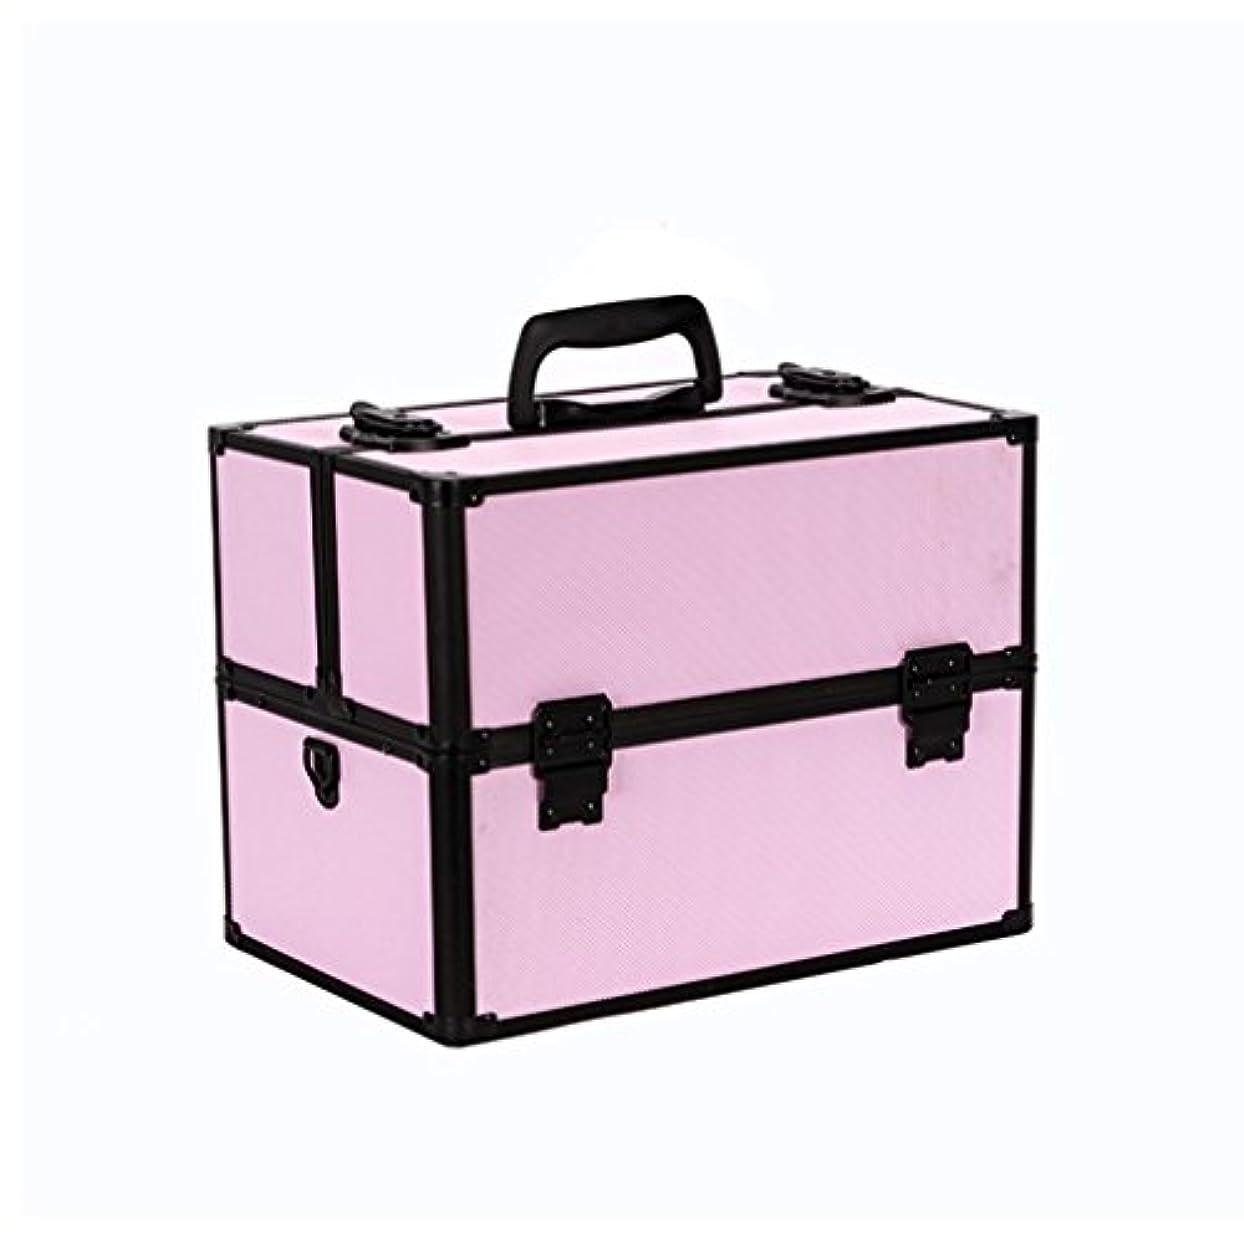 合意ウナギストレッチ{ツネユウ}プロ用 メイクボックス 高品質 多機能 大容量 メイクブラシバッグ 収納ケース ネイルボックス 化粧 取っ手付 バニティボックス 化粧道具 小物入れ ブラック ピンク